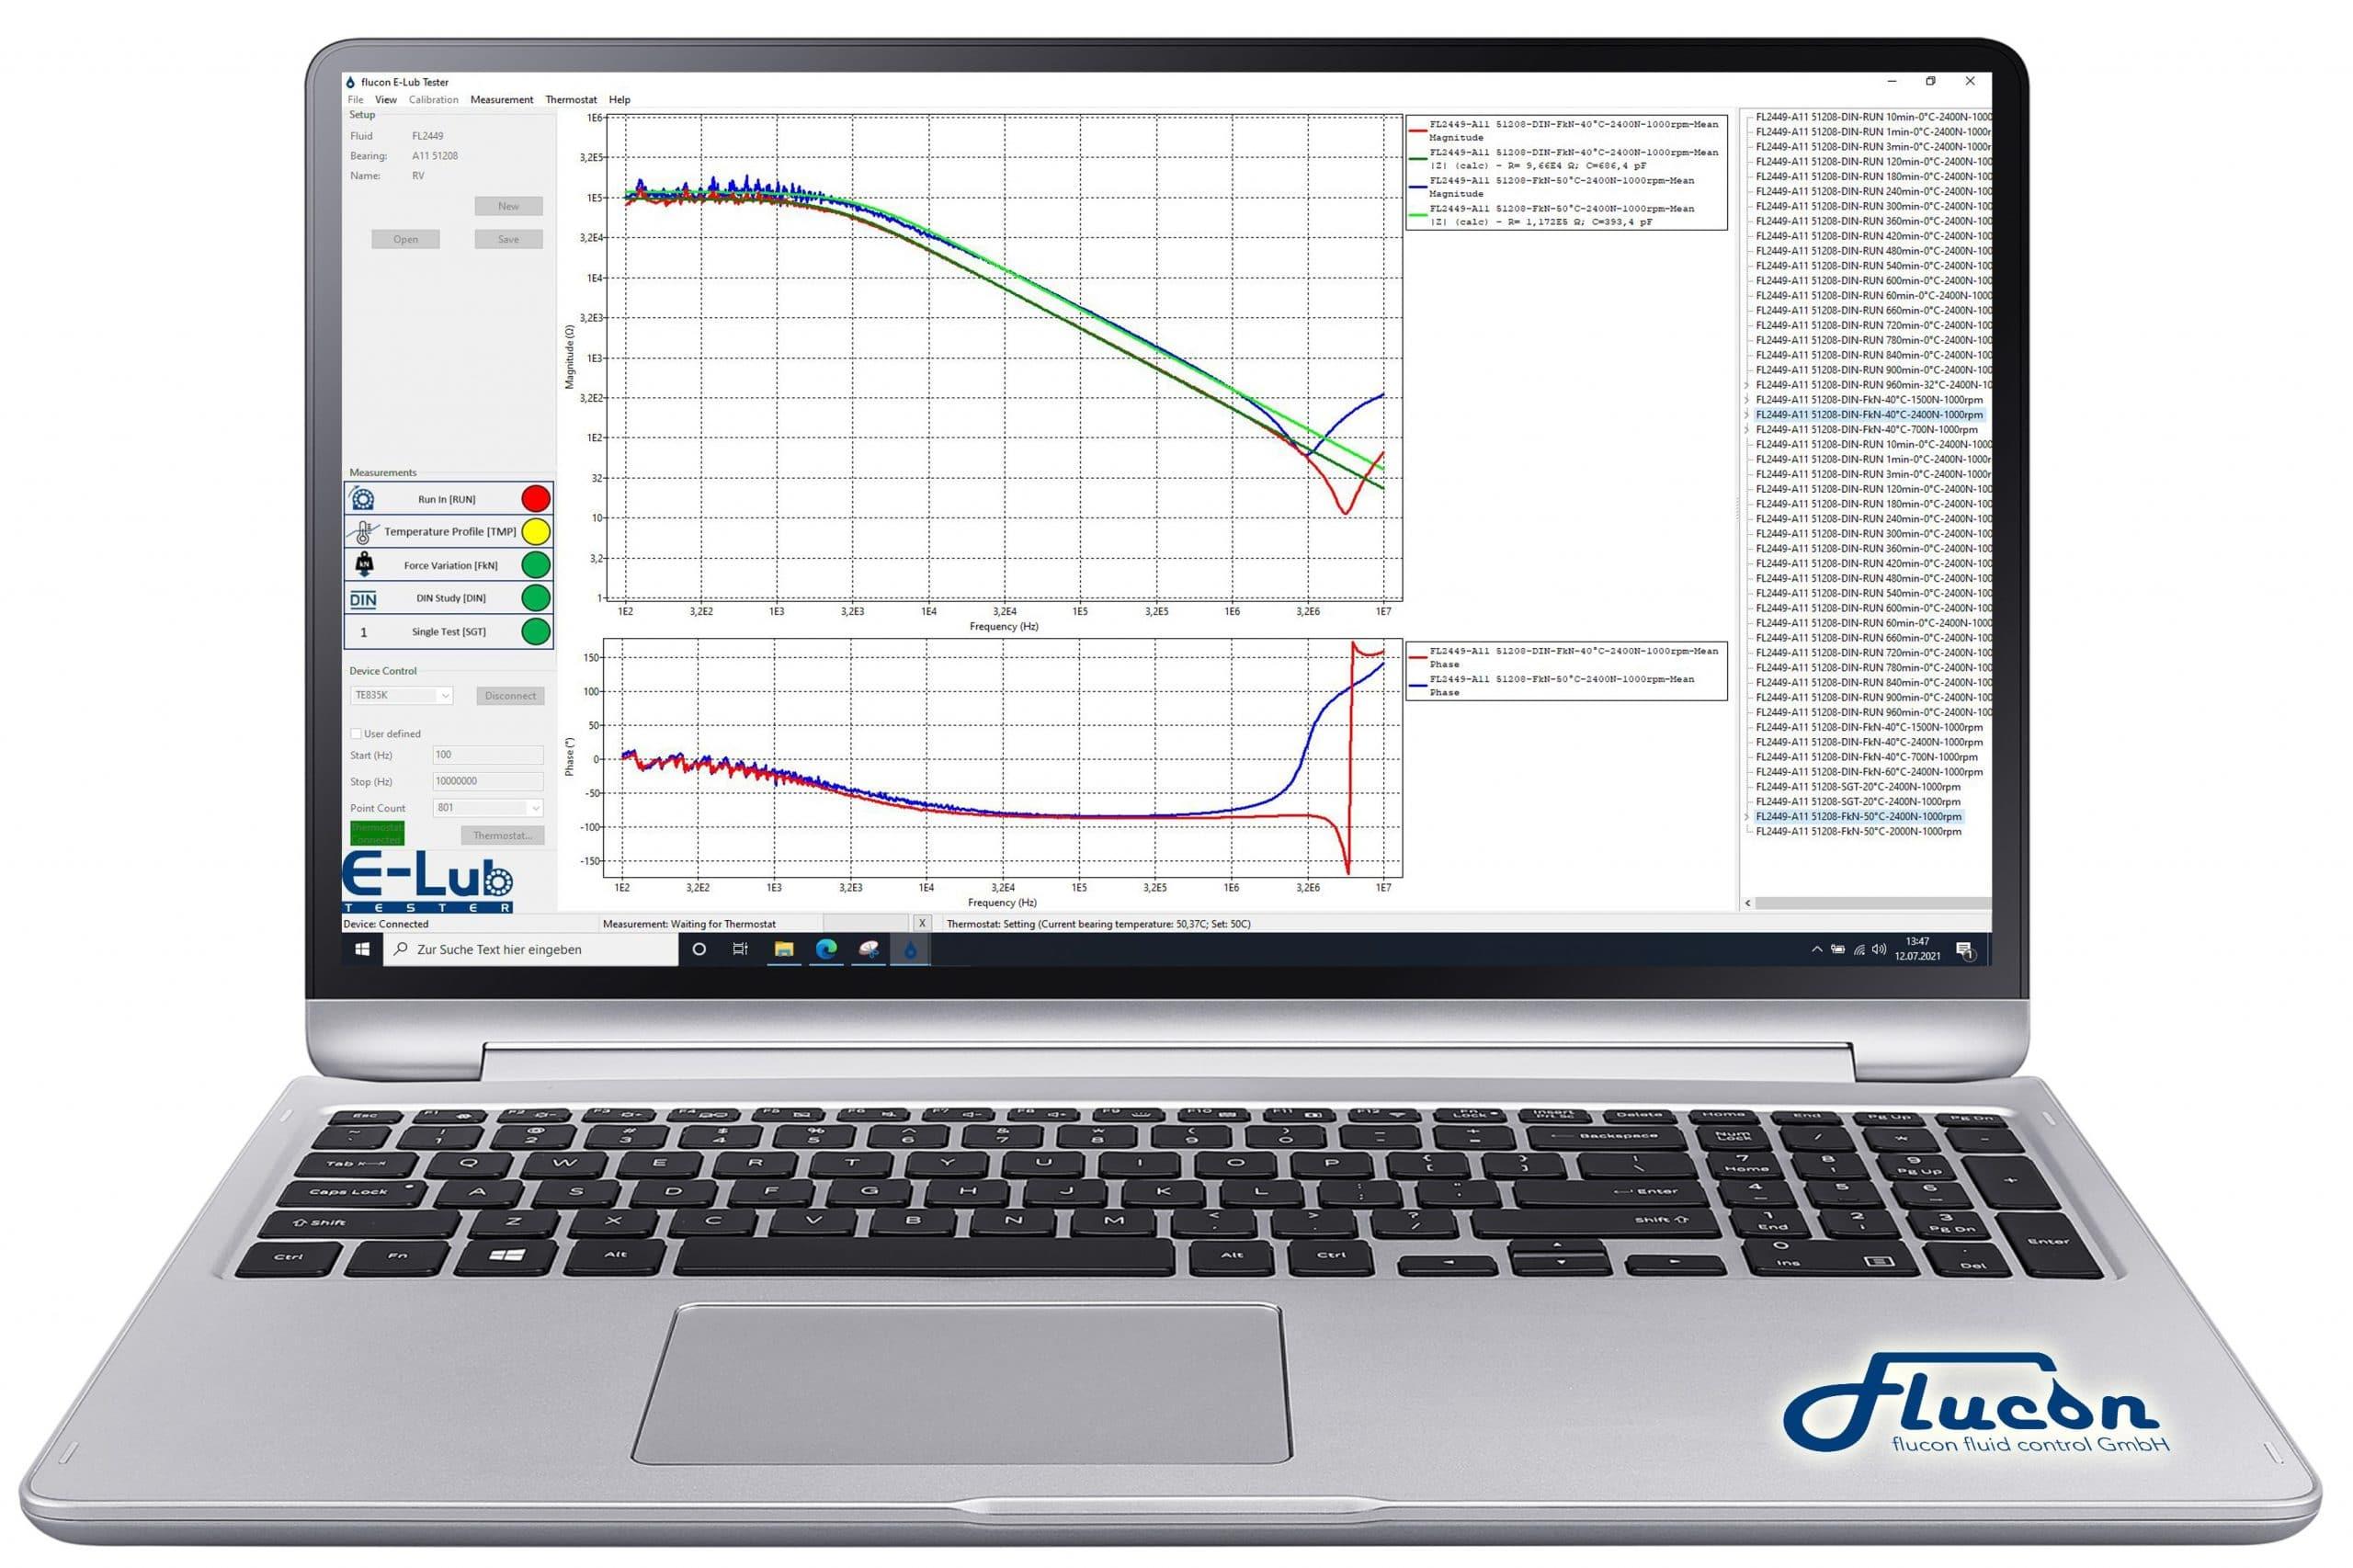 Lagerimpedanz-Messung am VKA mit dem flucon E-Lub Tester